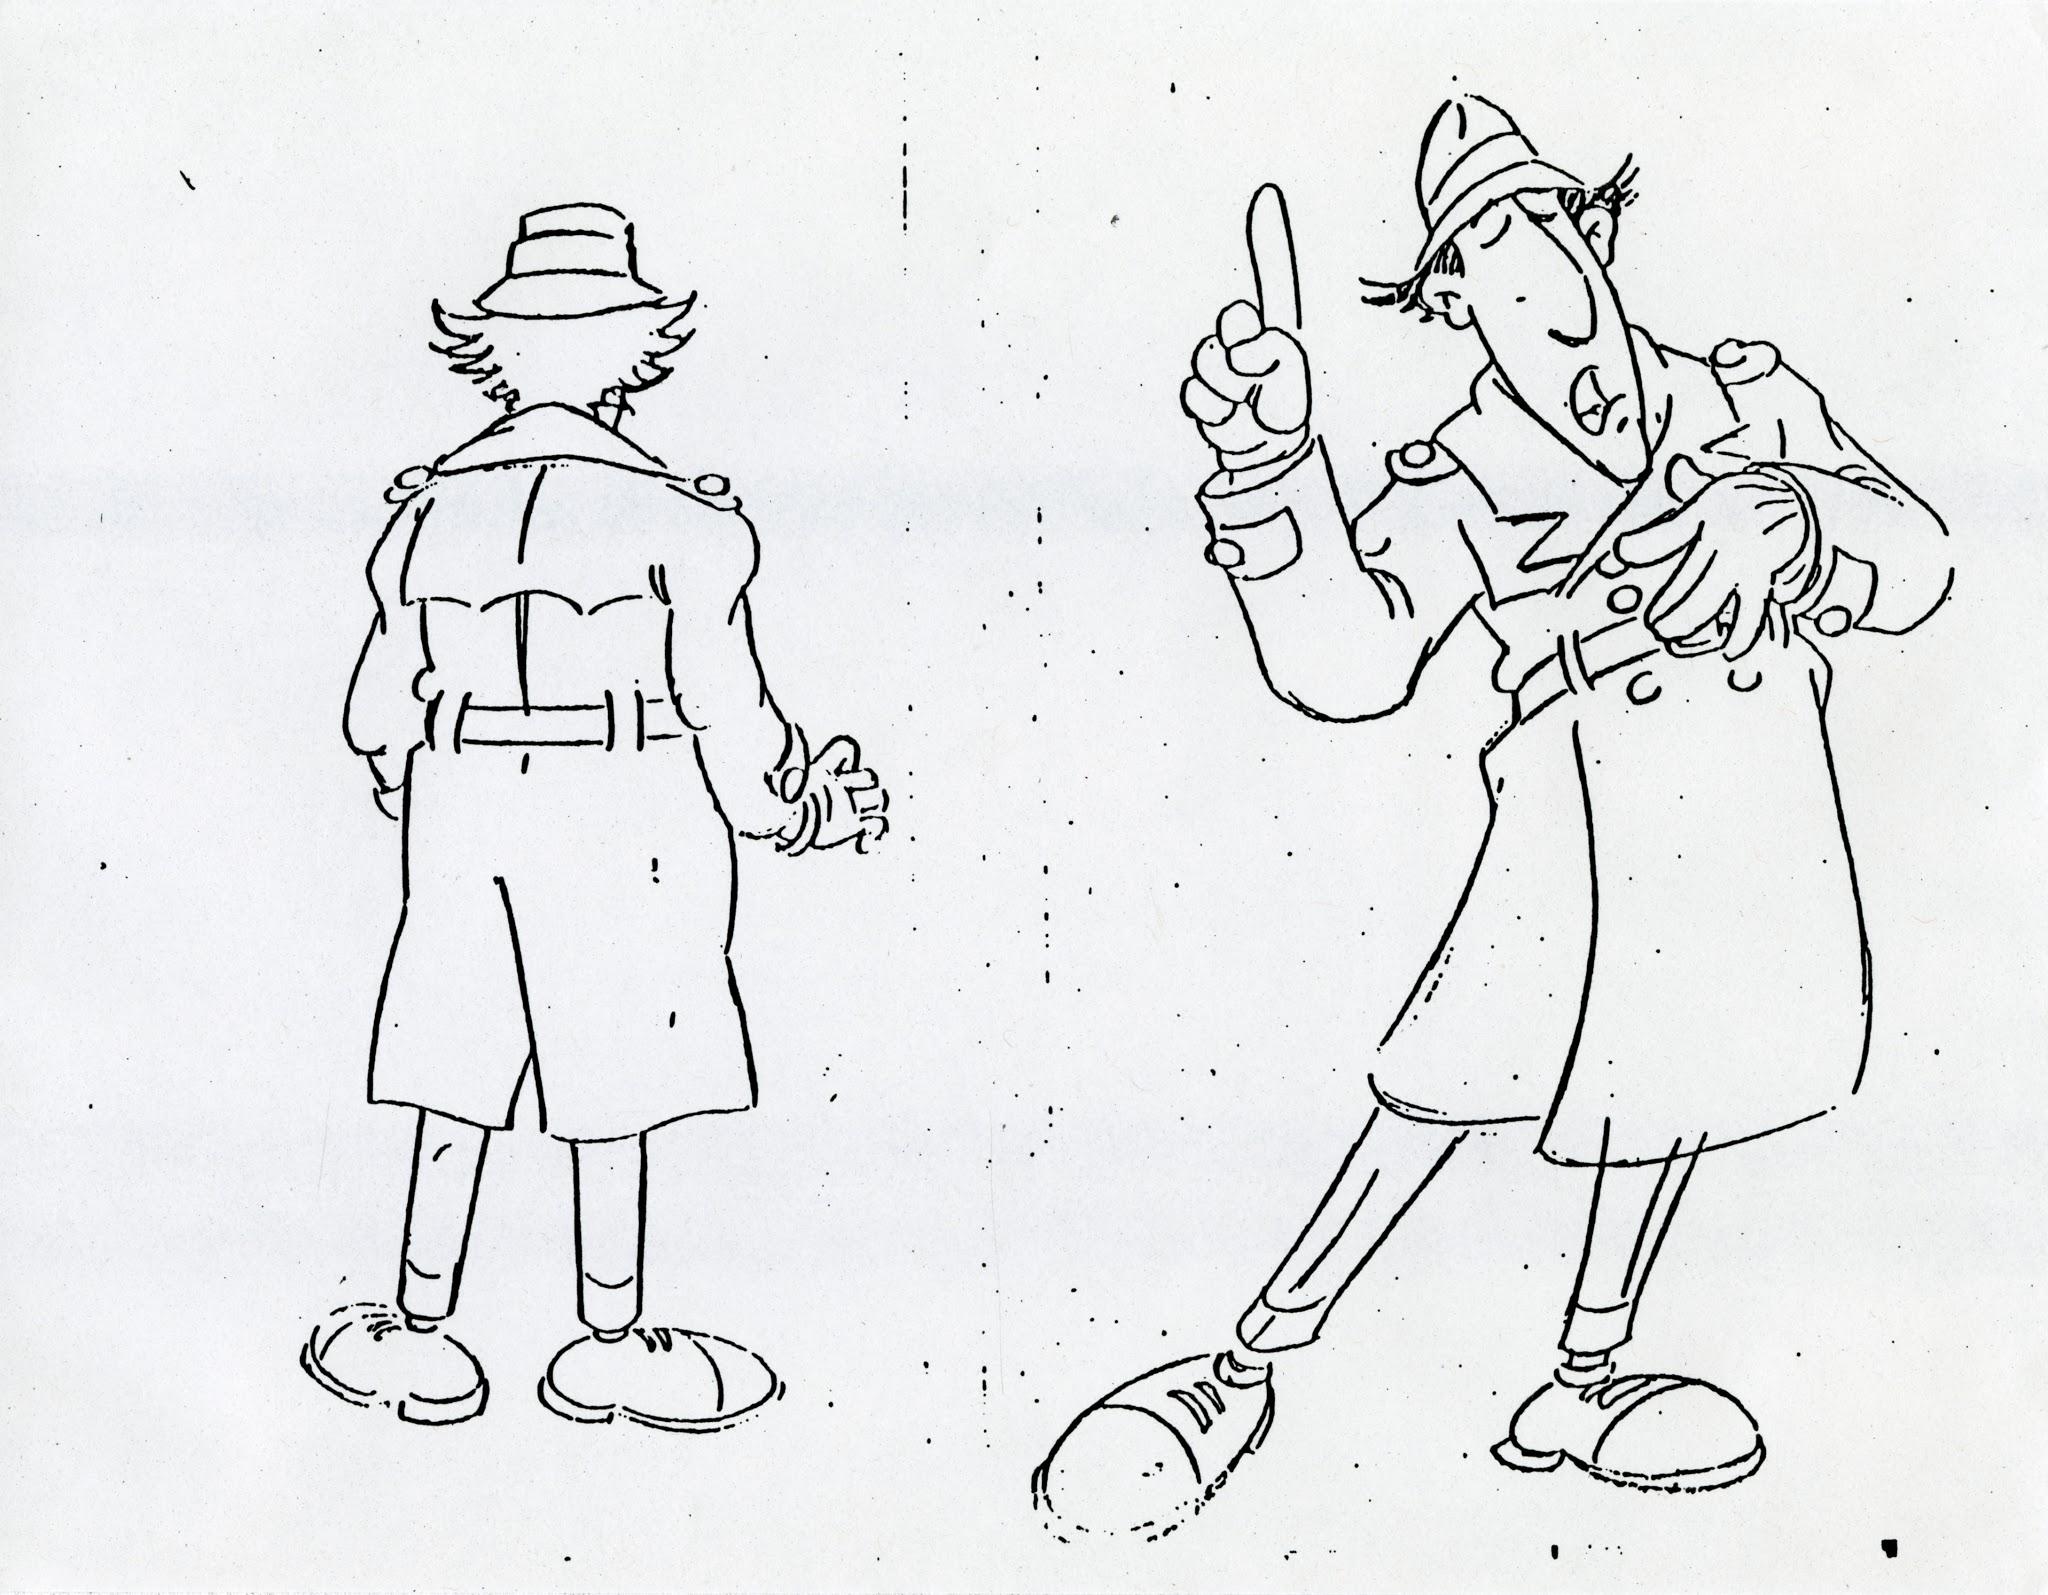 Inspector gadget initial ideas